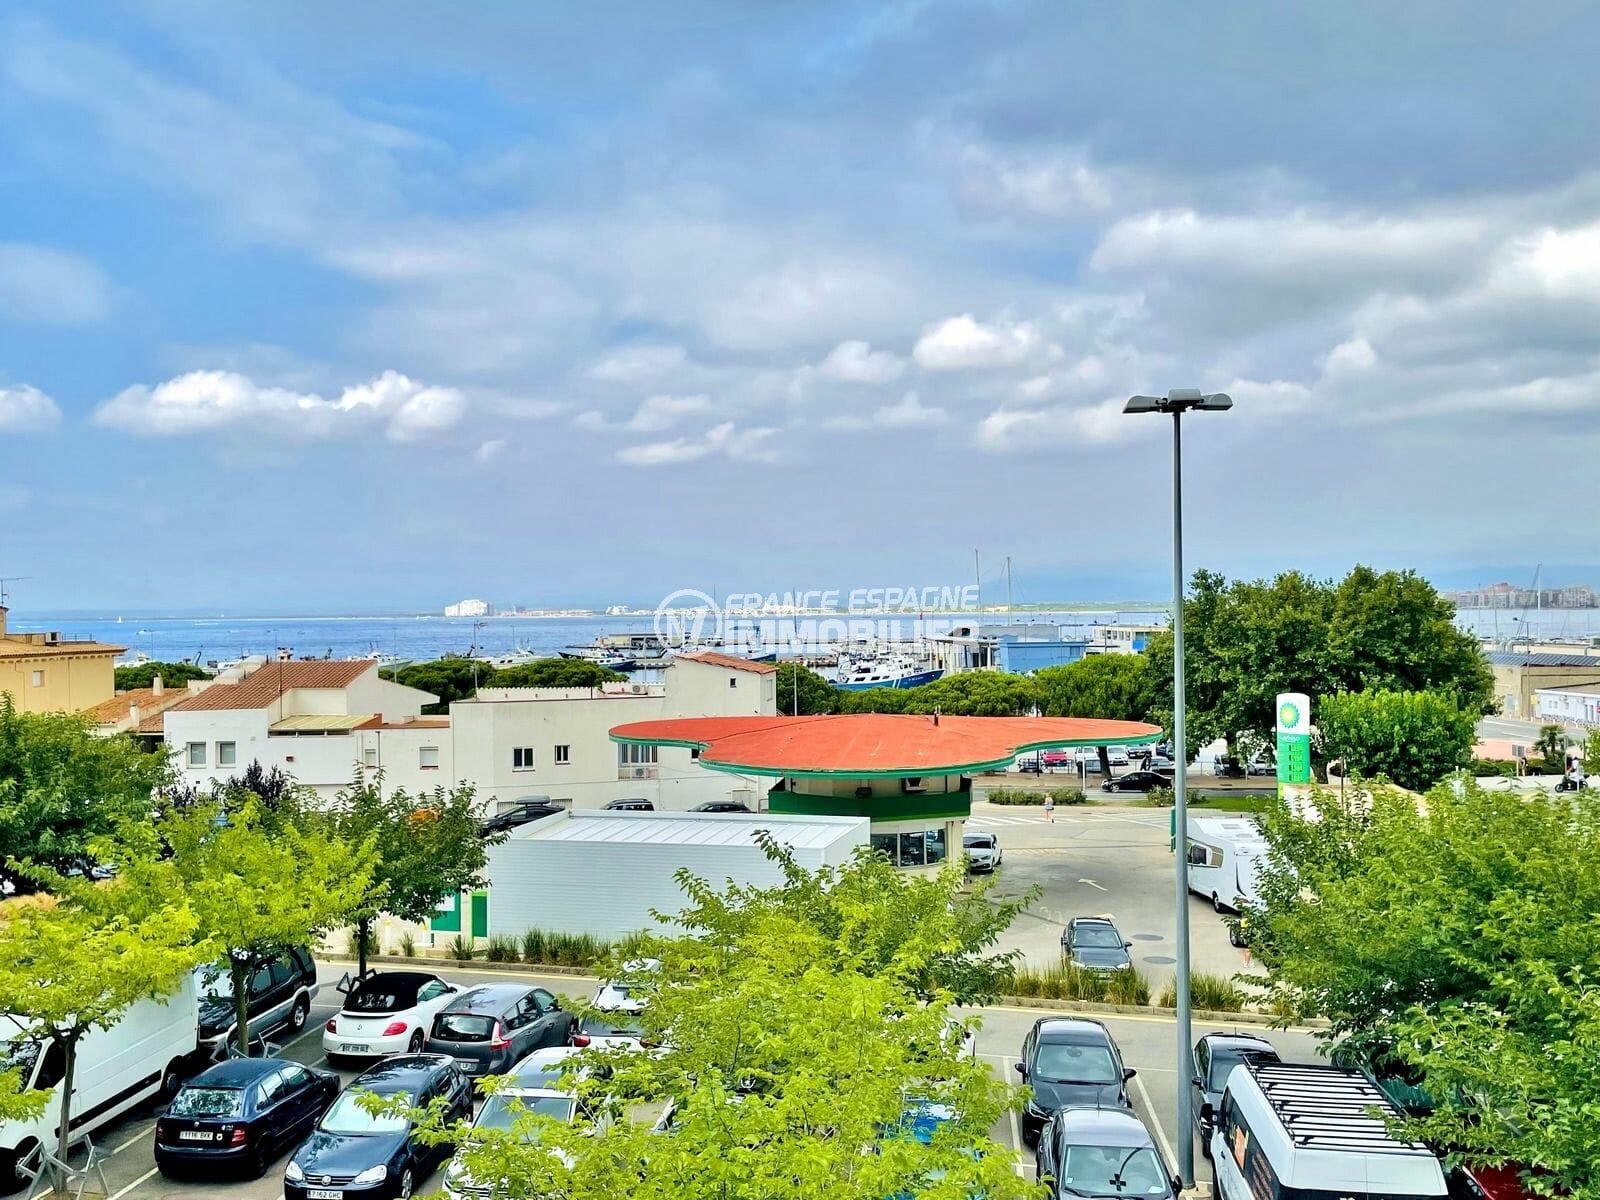 vente appartement rosas, 2 pièces 46 m², terrasse 10 m² vue mer / port, plage 400 m